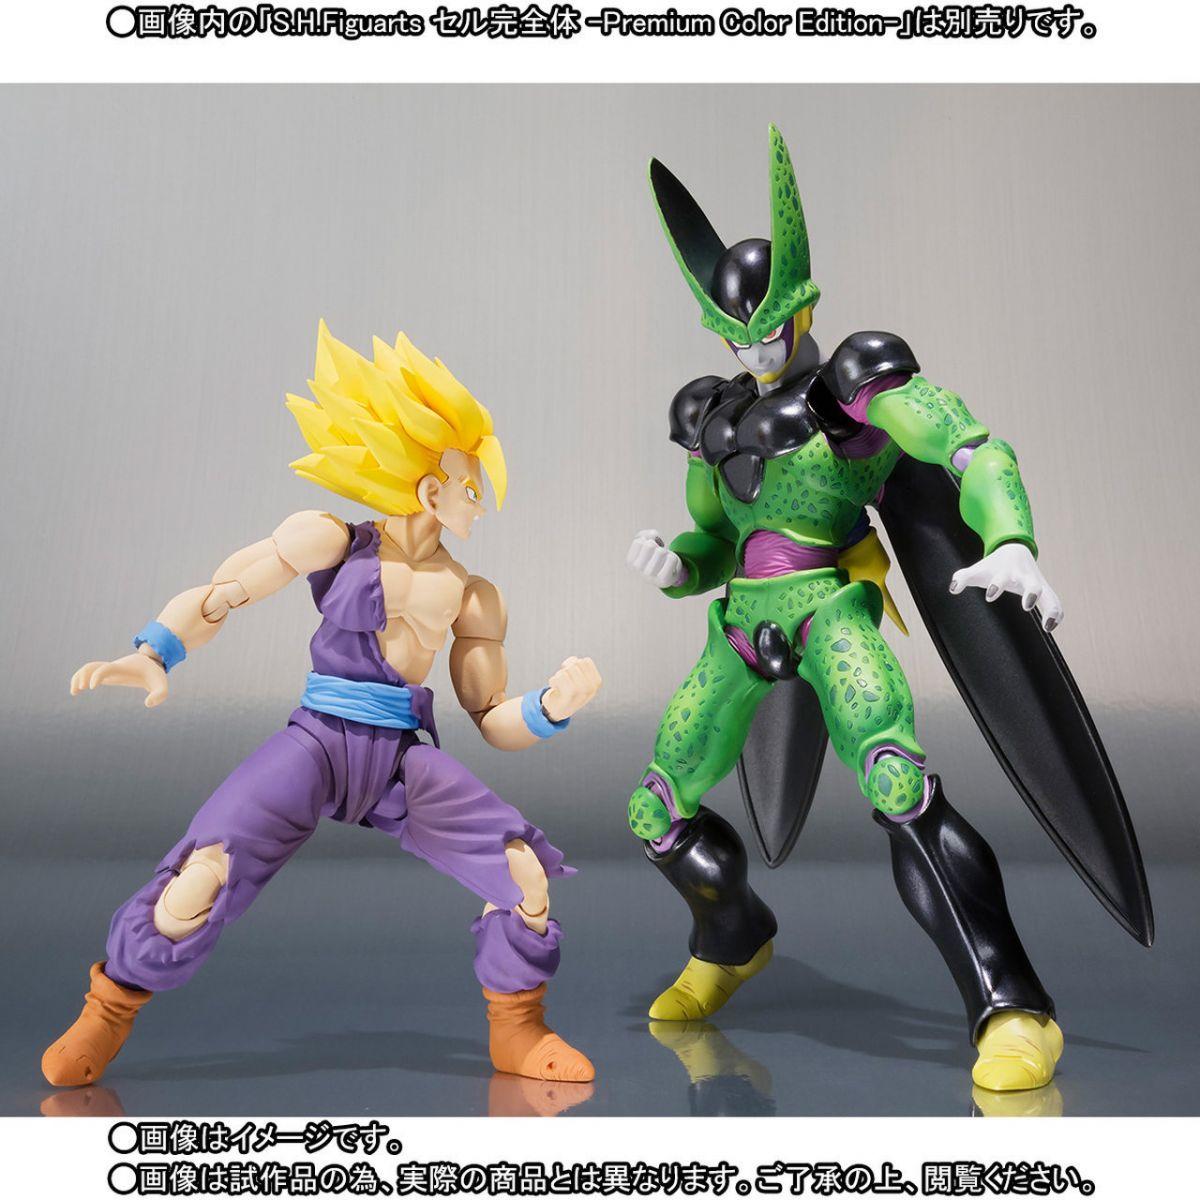 Boneco Perfect Cell: Dragon Ball Z (Premium Color Edition) S.H.Figuarts - Bandai